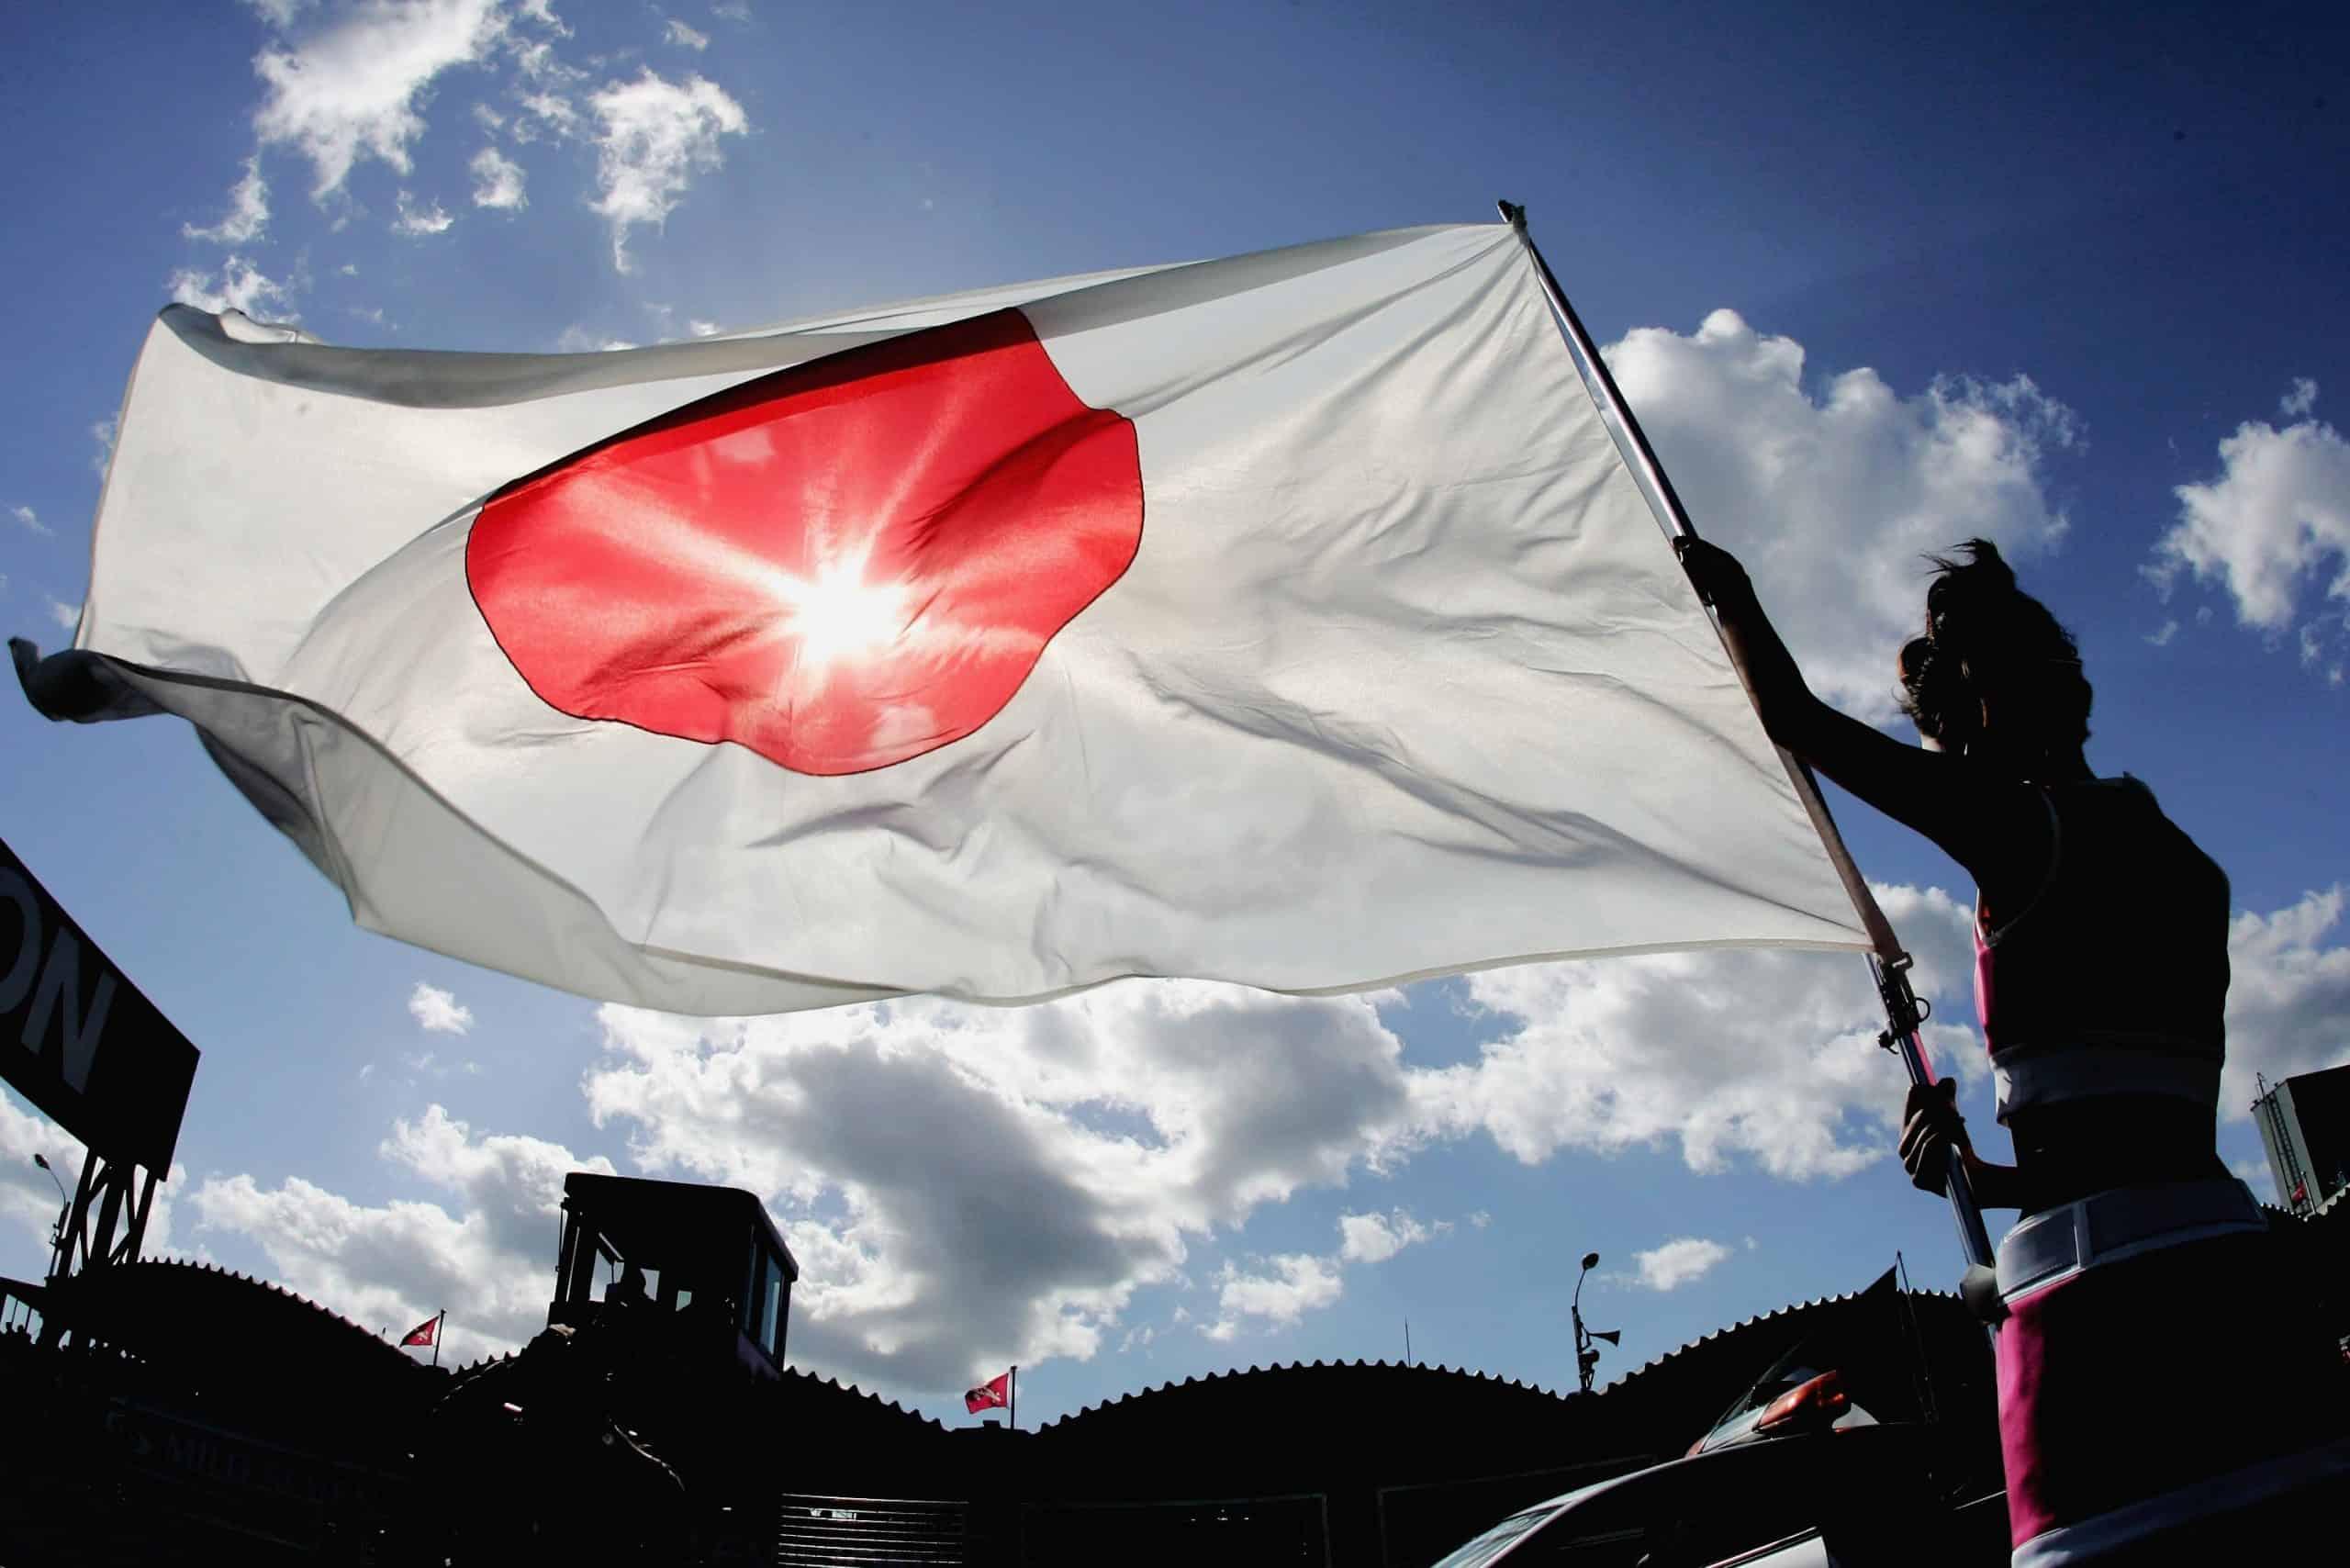 Vijfdaags hotelarrangement – Formule 1 Japan – Suzuka 2020